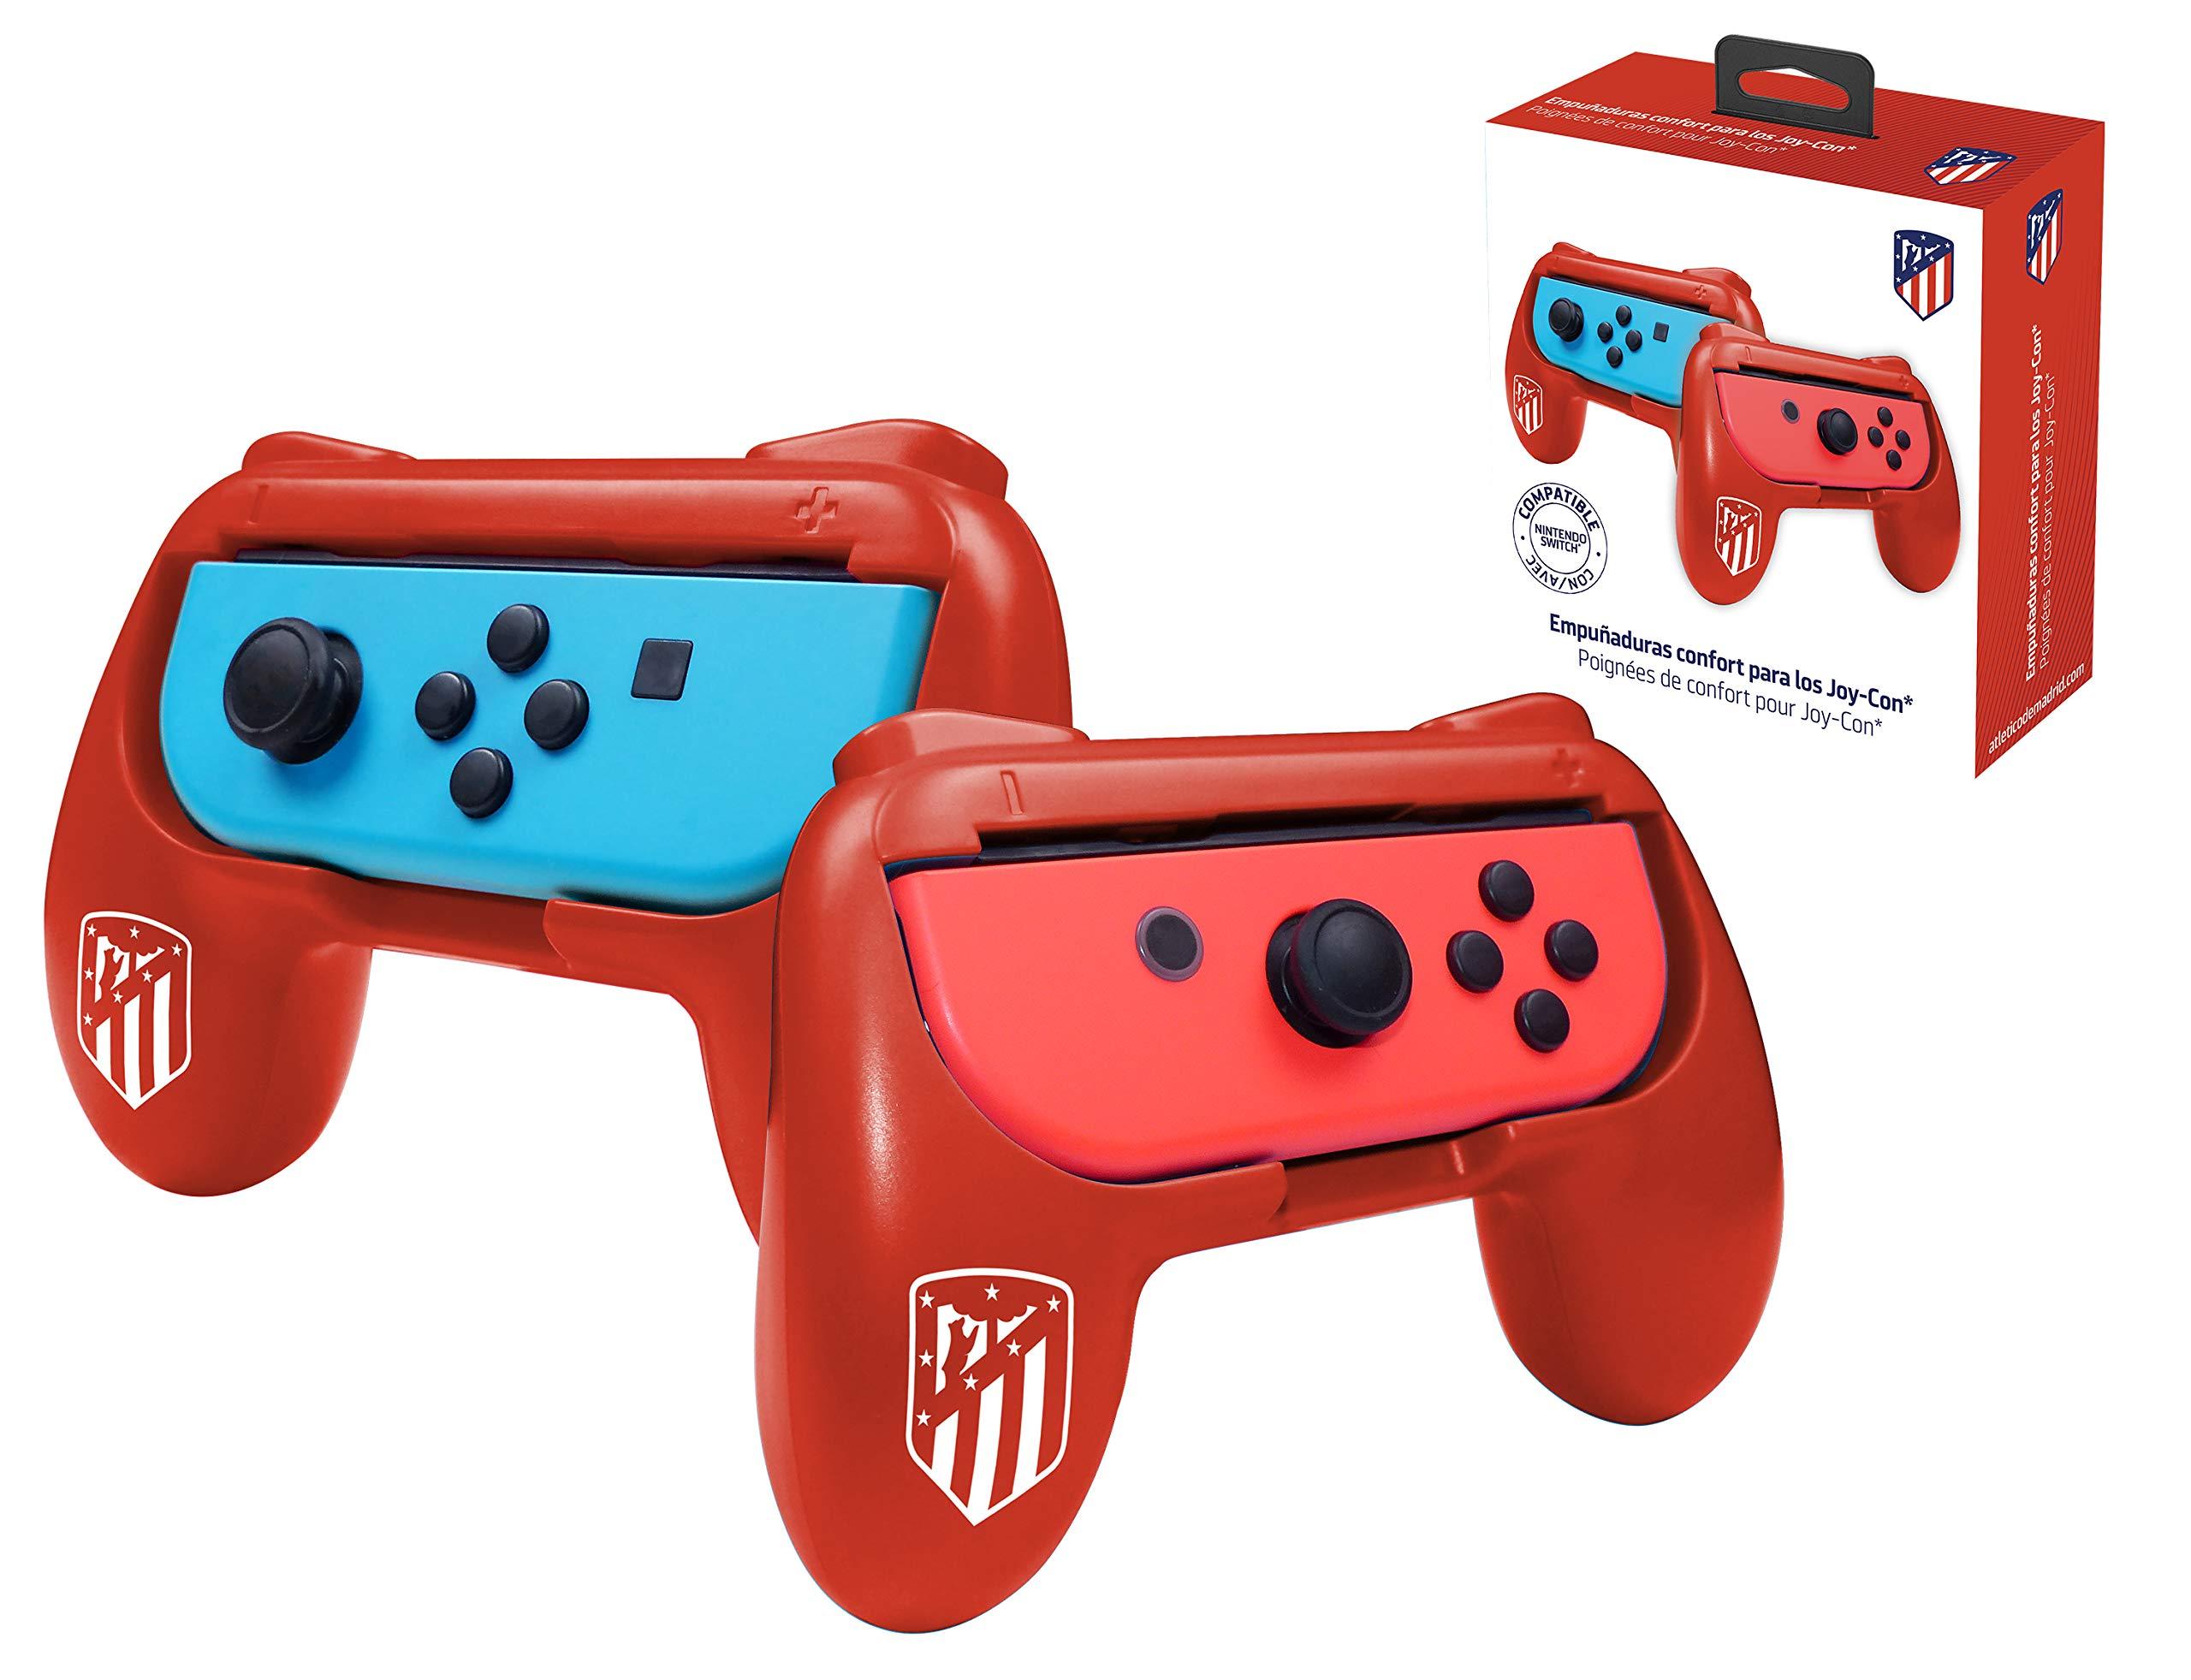 Atletico de Madrid grips (empuñaduras) accesorio para mando JoyCons Nintendo Switch: Amazon.es: Videojuegos